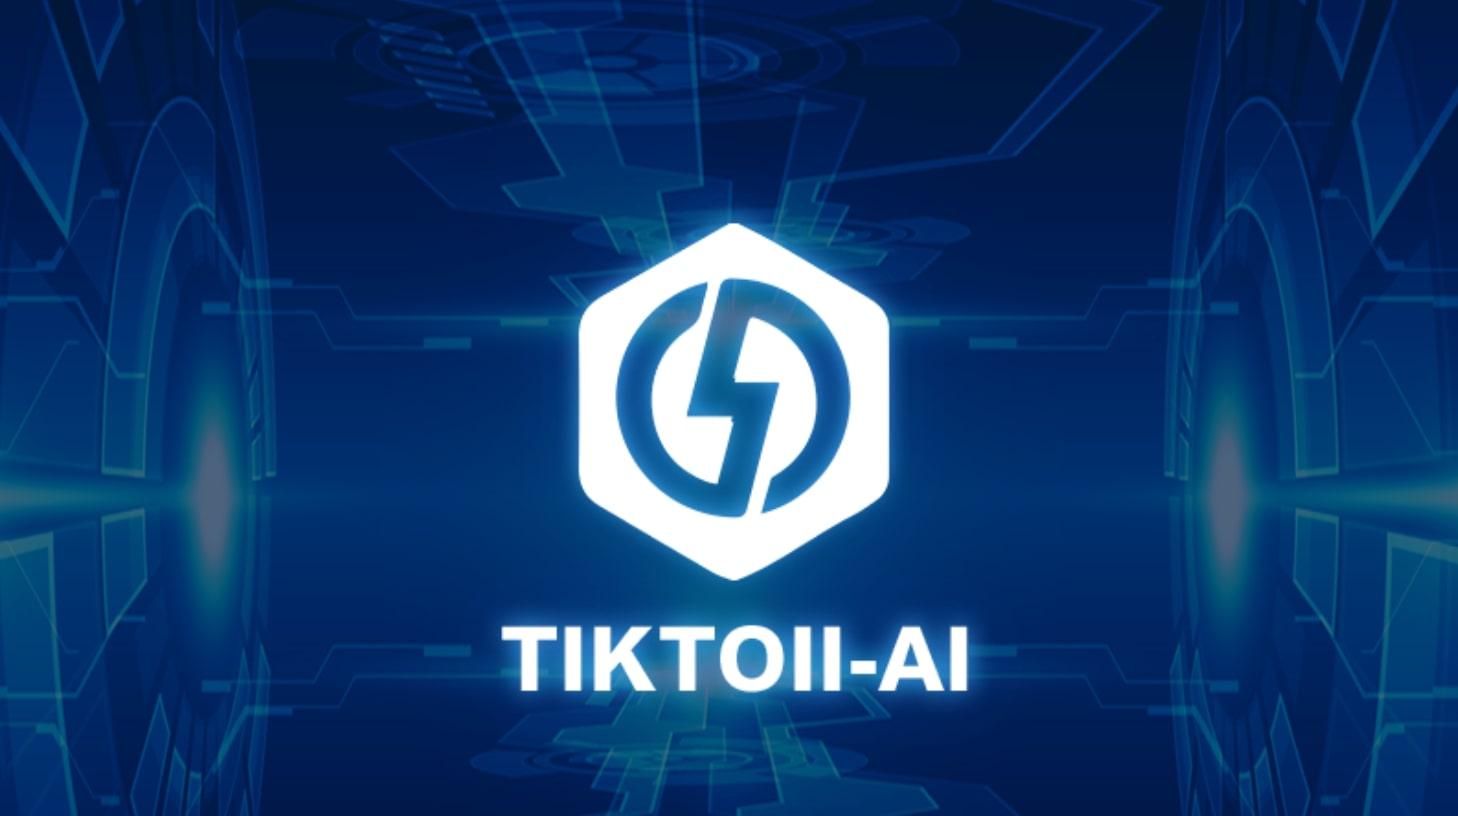 TIKTOII-AI